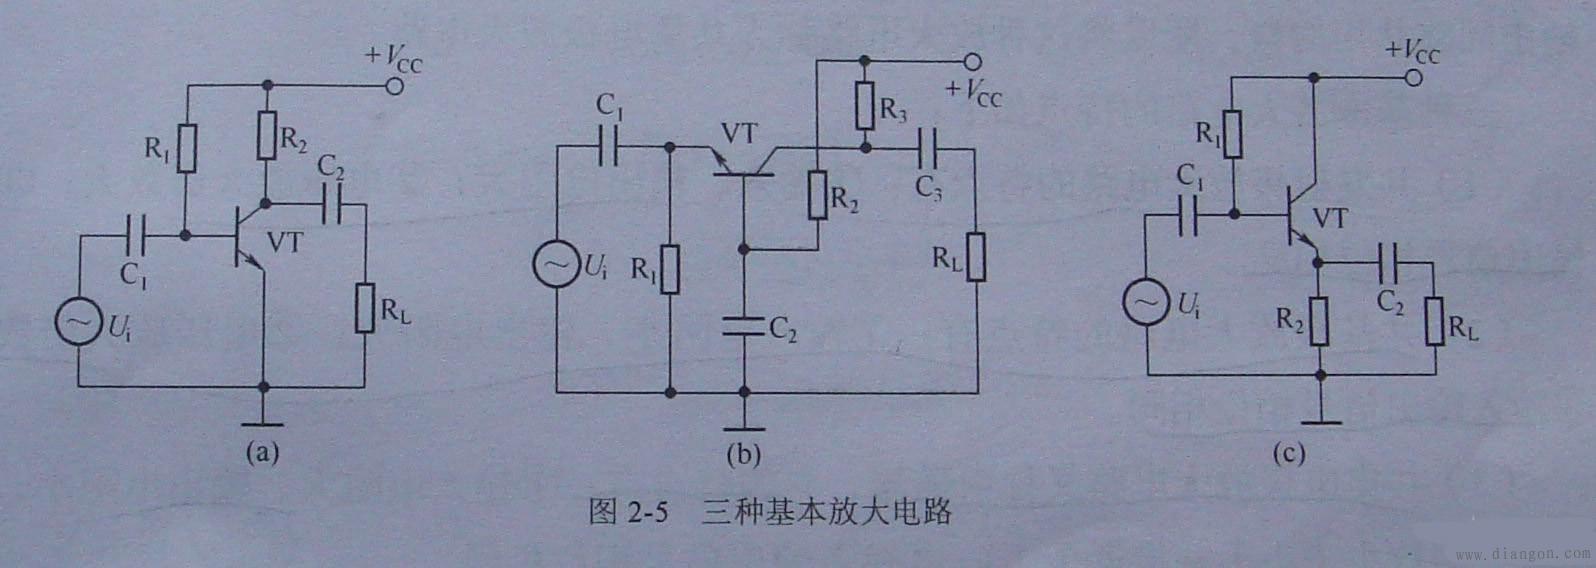 1、当信号源是恒压源或内阻较小的电压源时,应引入串联负反馈,而当信号源为恒流源或内阻较大的电压源时,应引入并联负反馈。这样,才能使引入的负反馈的调节作用得到充分发挥。   2、当负载需要稳定的电压信号时,应引入电压负反馈,当负载需要稳定的电流信号时,应引入电流负反馈。   3、当为了提高电路输入电阻时,应引入串联负反馈,当为了降低电路的输出电阻时,应引入电压负反馈。   4、若需要将电流信号转换成电压信号时,应在放大电路引入电压并联负反馈,若需在将电压信号转换为电流信号时,应在放大电路中引入电流串联